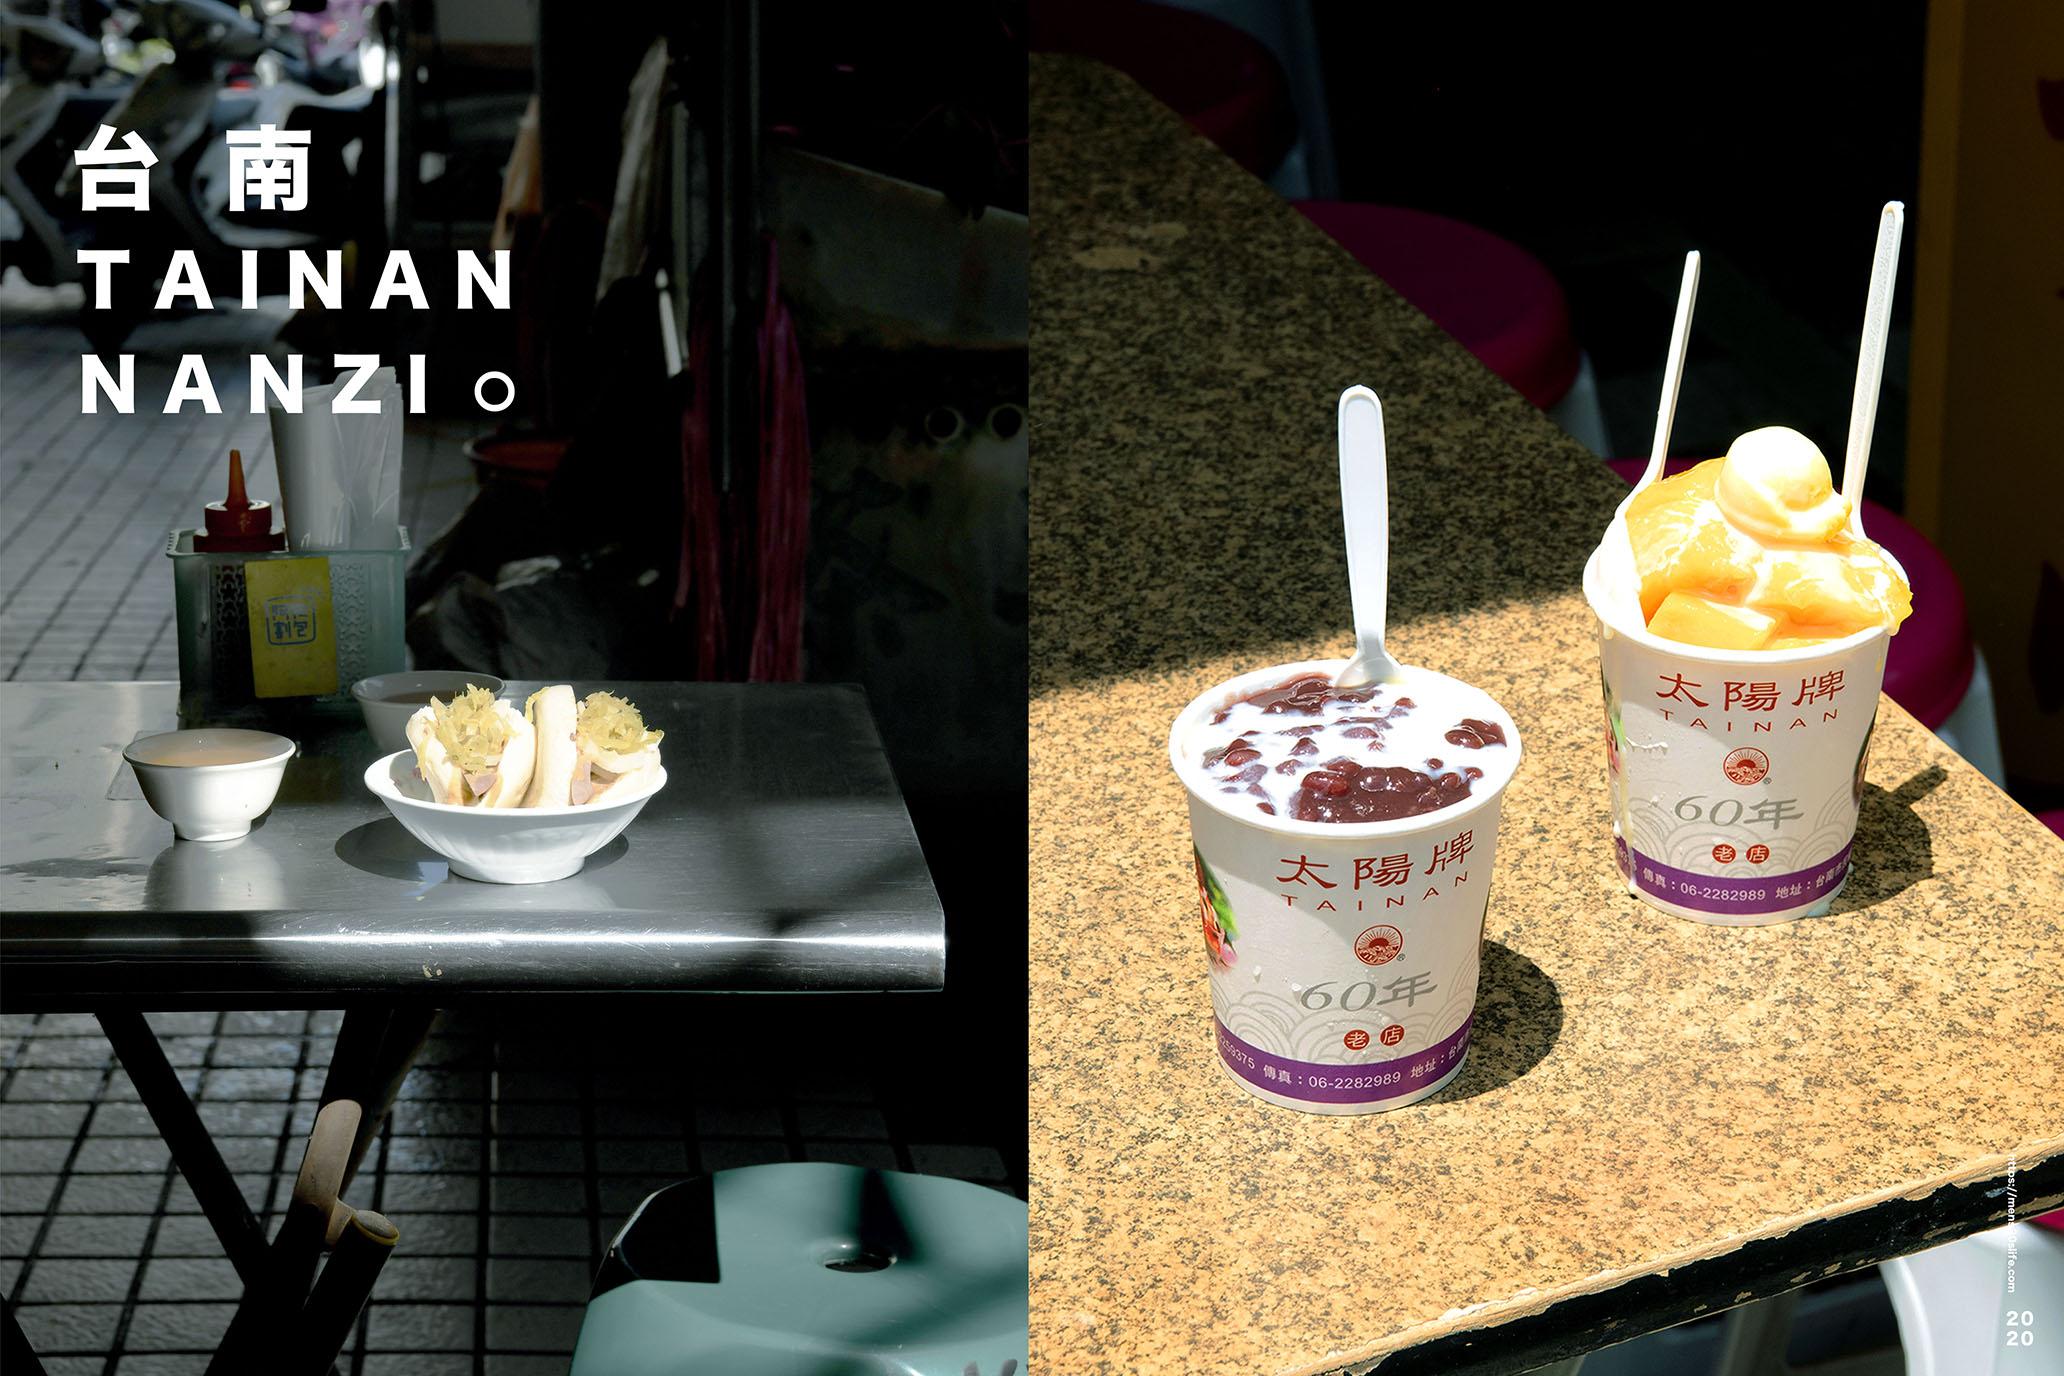 網站近期文章:記憶裡的味道,讓我們成了台南的俘虜|5家台南古早味